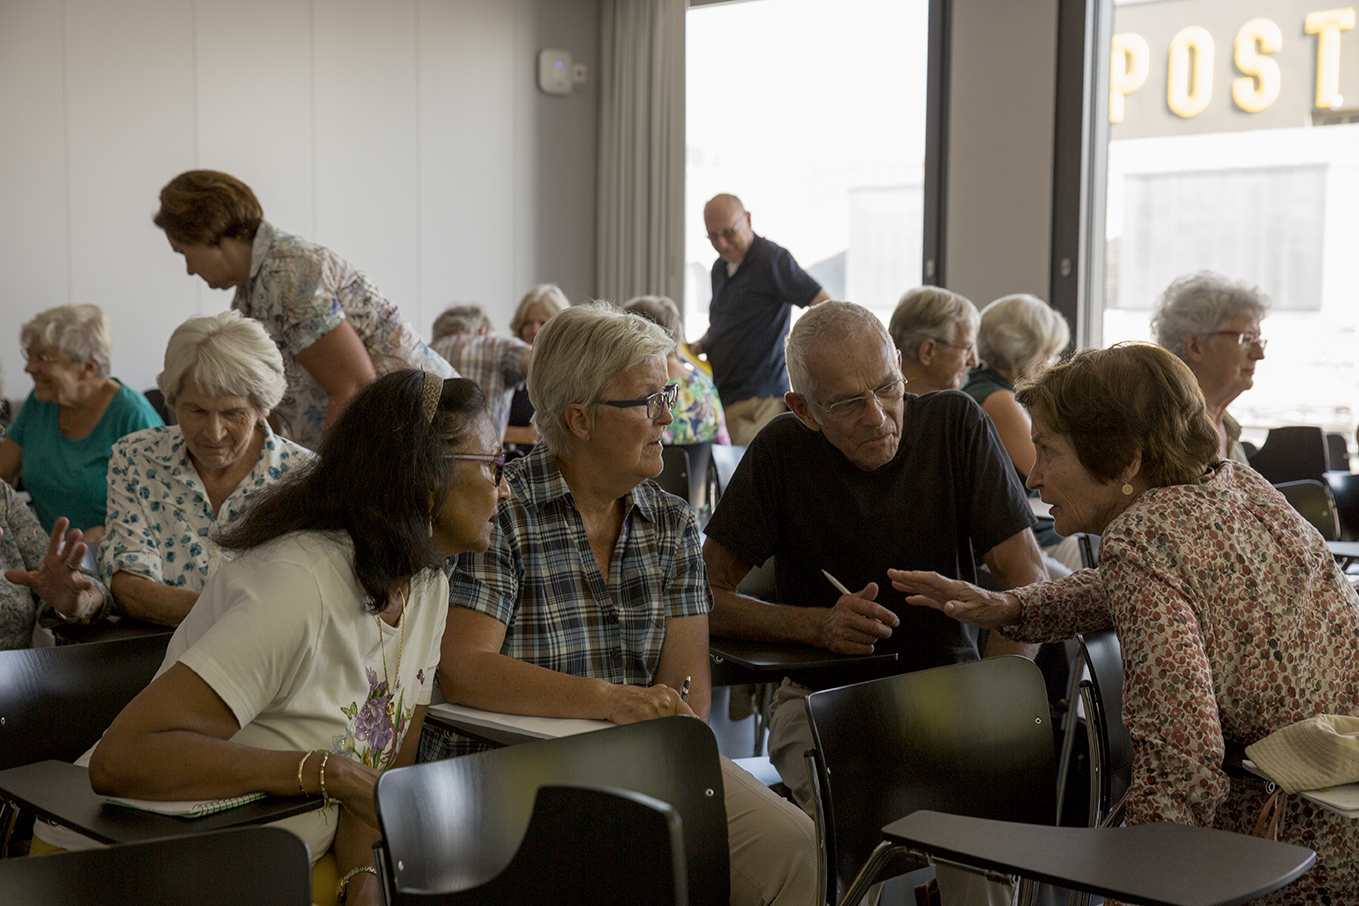 An den Netzwerkveranstaltungen tauschen sich die Teilnehmenden persönlich aus (Fotos: Joëlle Kost)